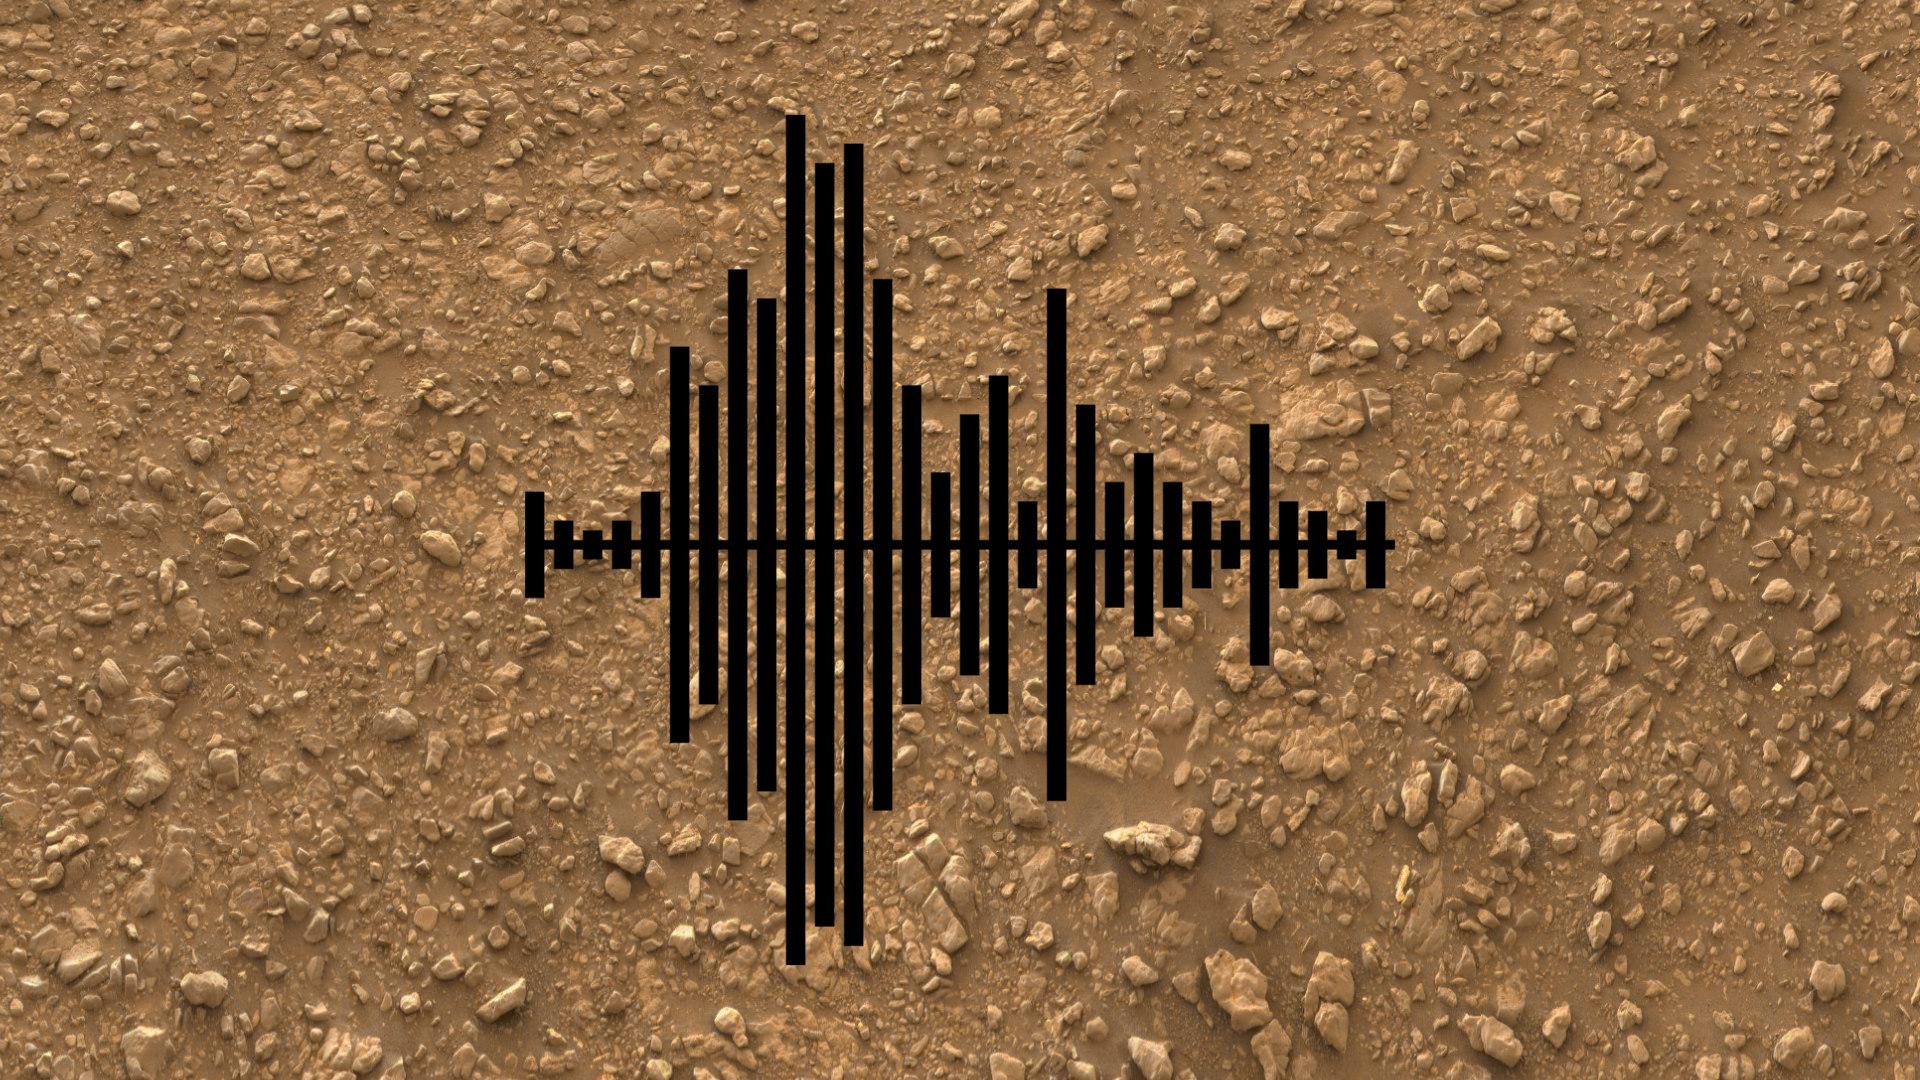 Écoutez le son de votre propre voix sur Mars - Numerama